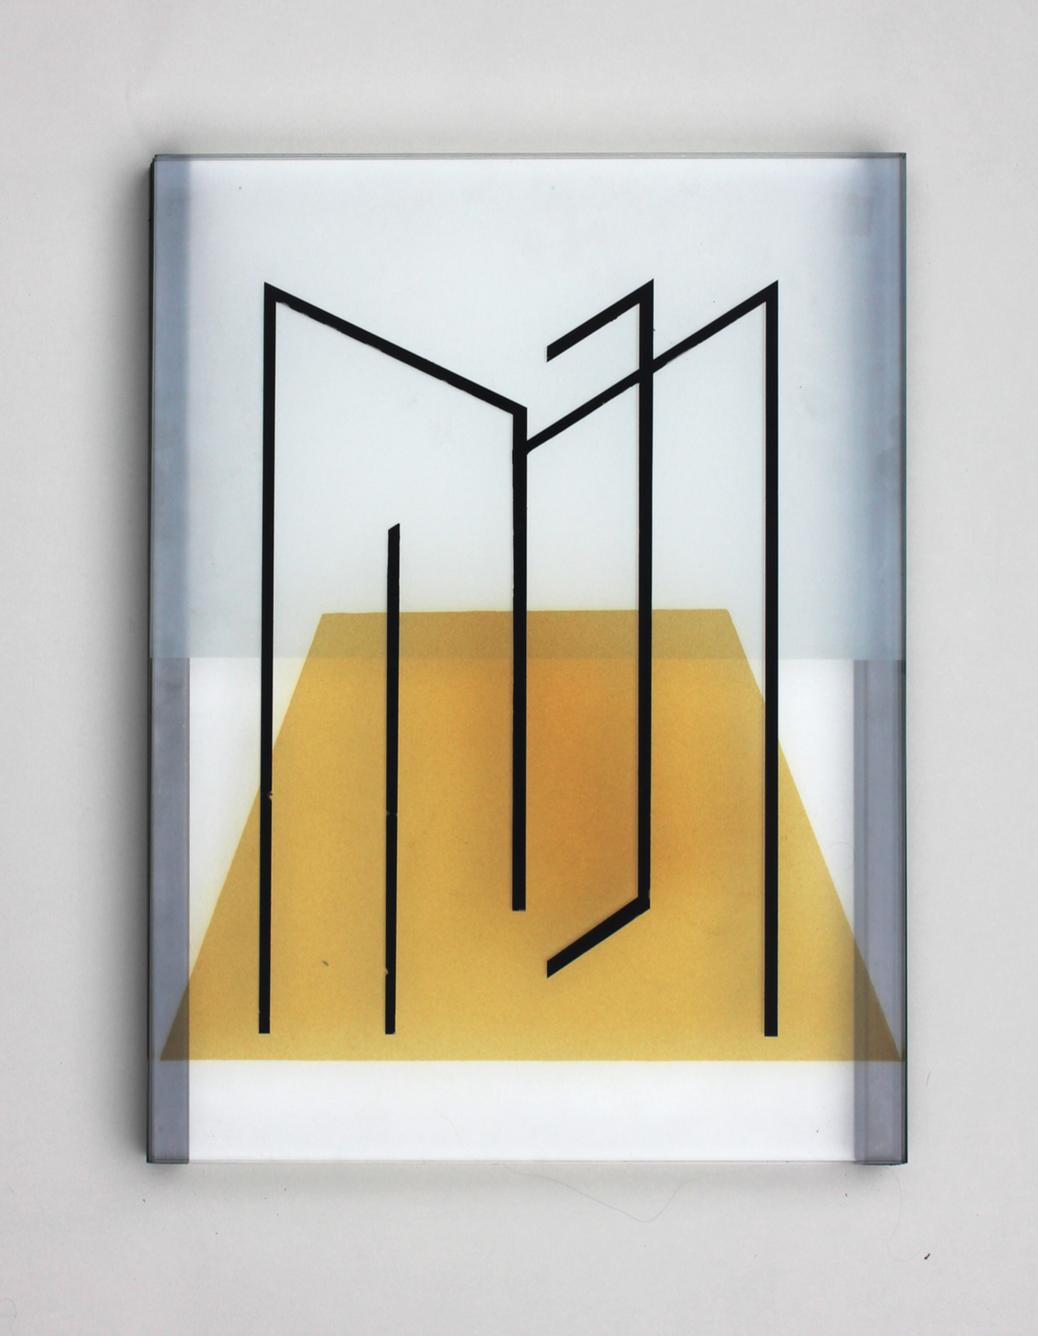 Pia Rondé & Fabien Saleil, Image tranchante MF #02, 2019 verre, cément jaune d'argent, mousseline, grisaille, acier 40 x 30 cm. Unique, courtesy galerie Valeria Cetraro.